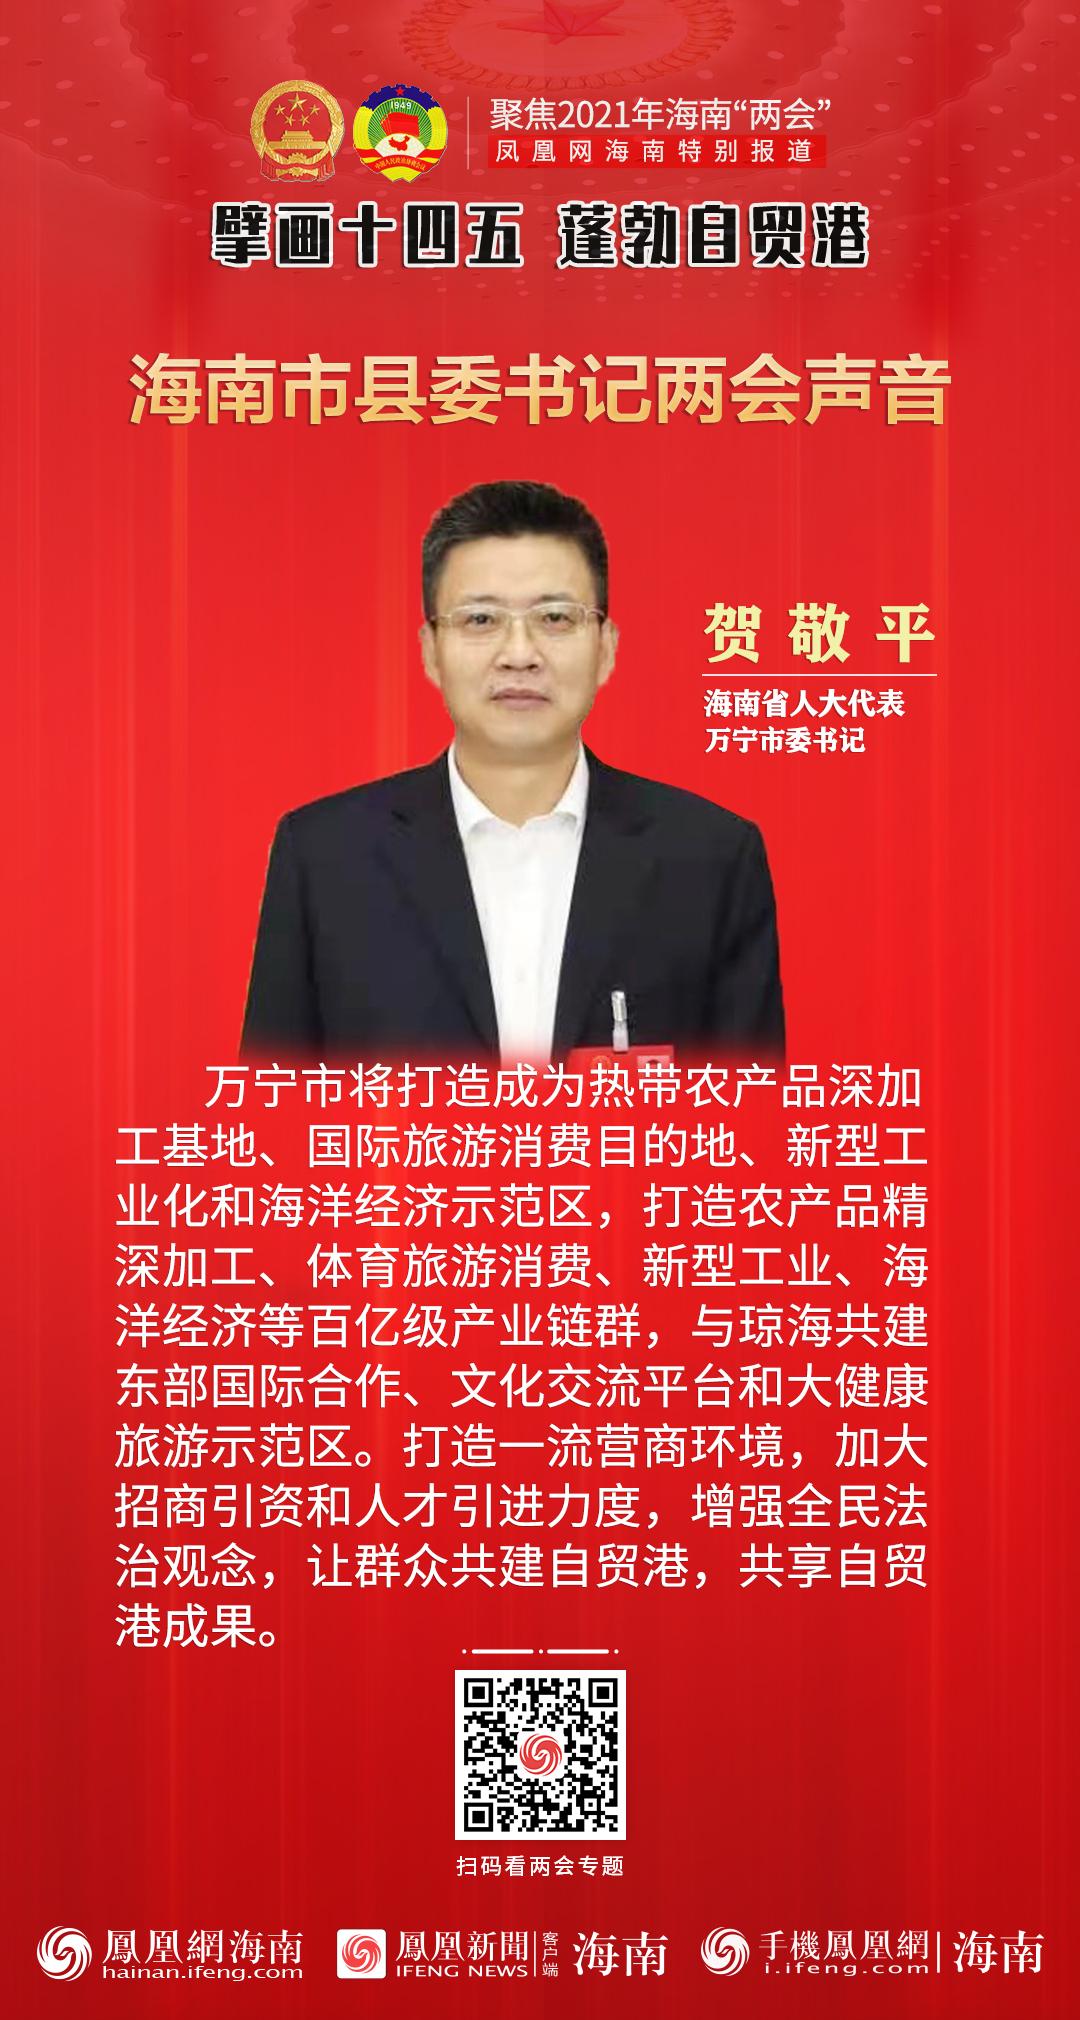 2021海南两会手机海报│万宁市委书记贺敬平:打造百亿级产业链群